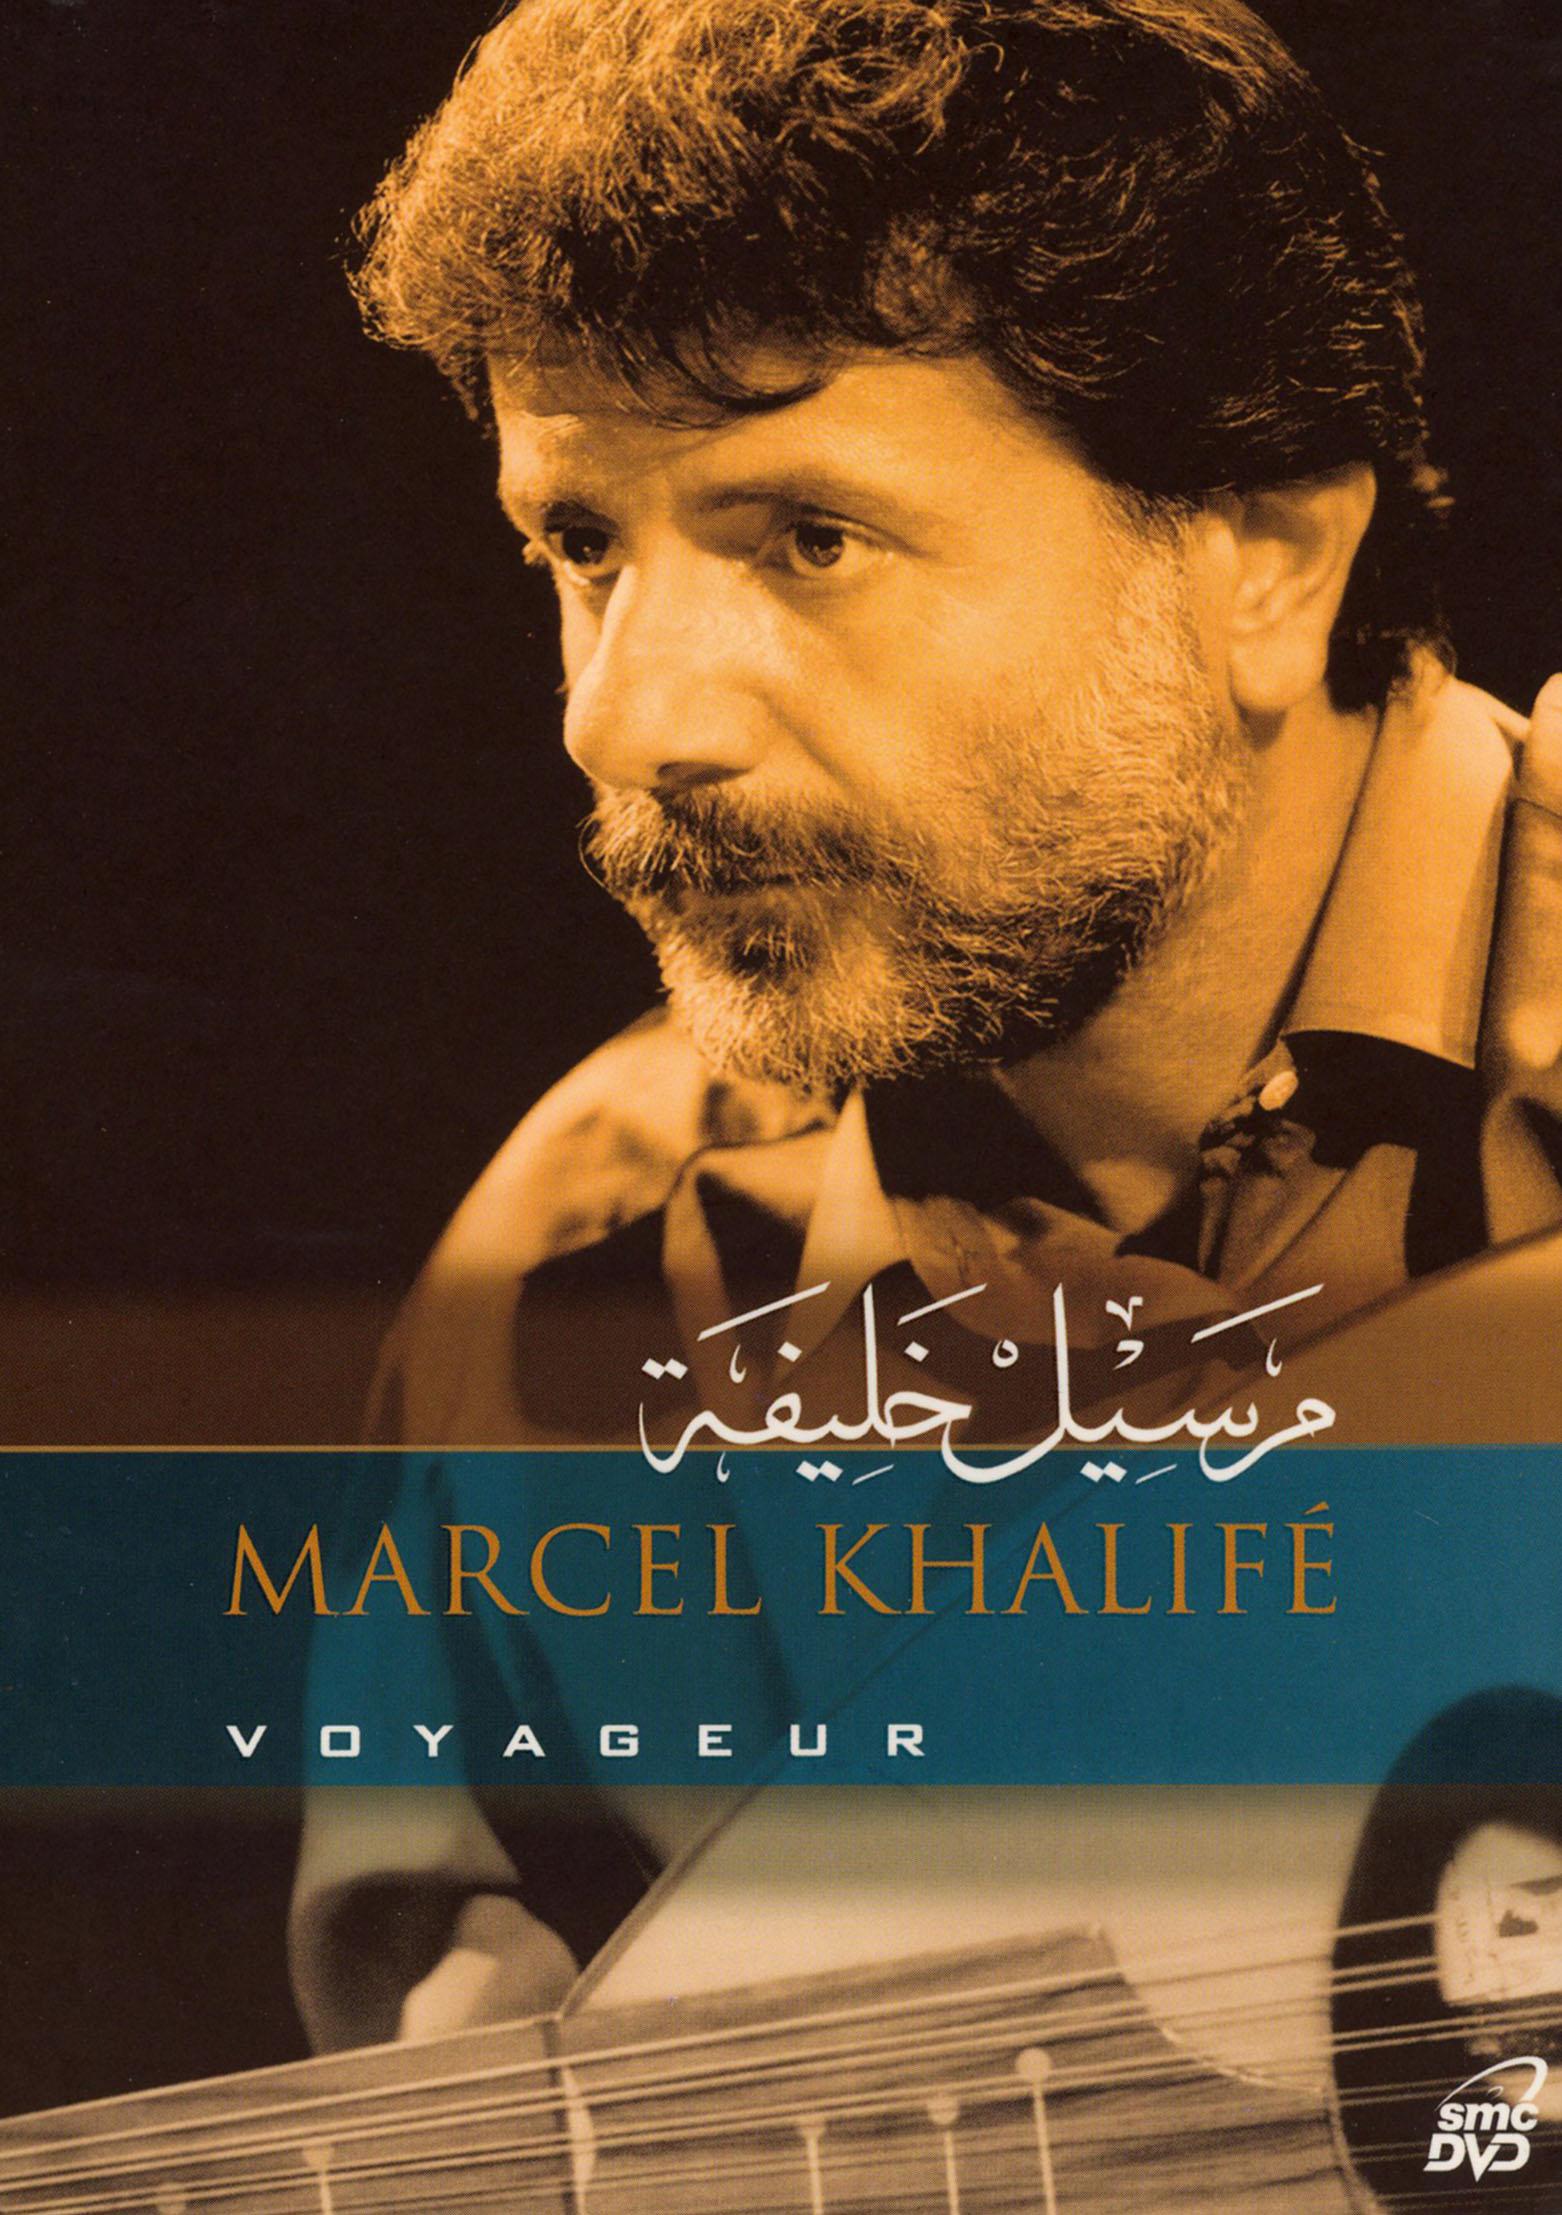 Marcel Khalife Voyageur